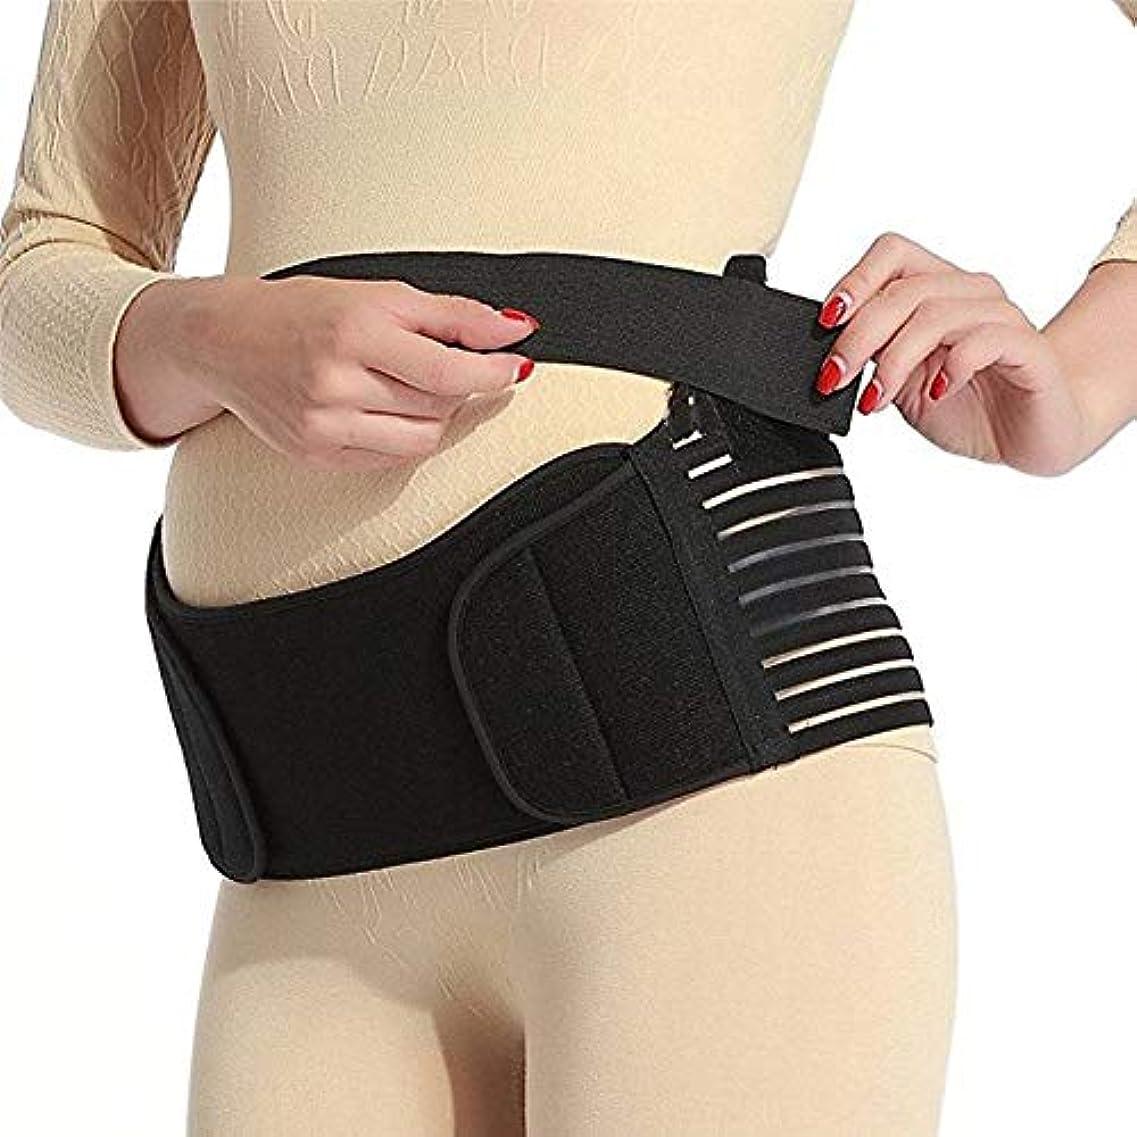 両方ハリケーンハチ通気性マタニティベルト妊娠中の腹部サポート腹部バインダーガードル運動包帯産後の回復shapewear - ブラックM